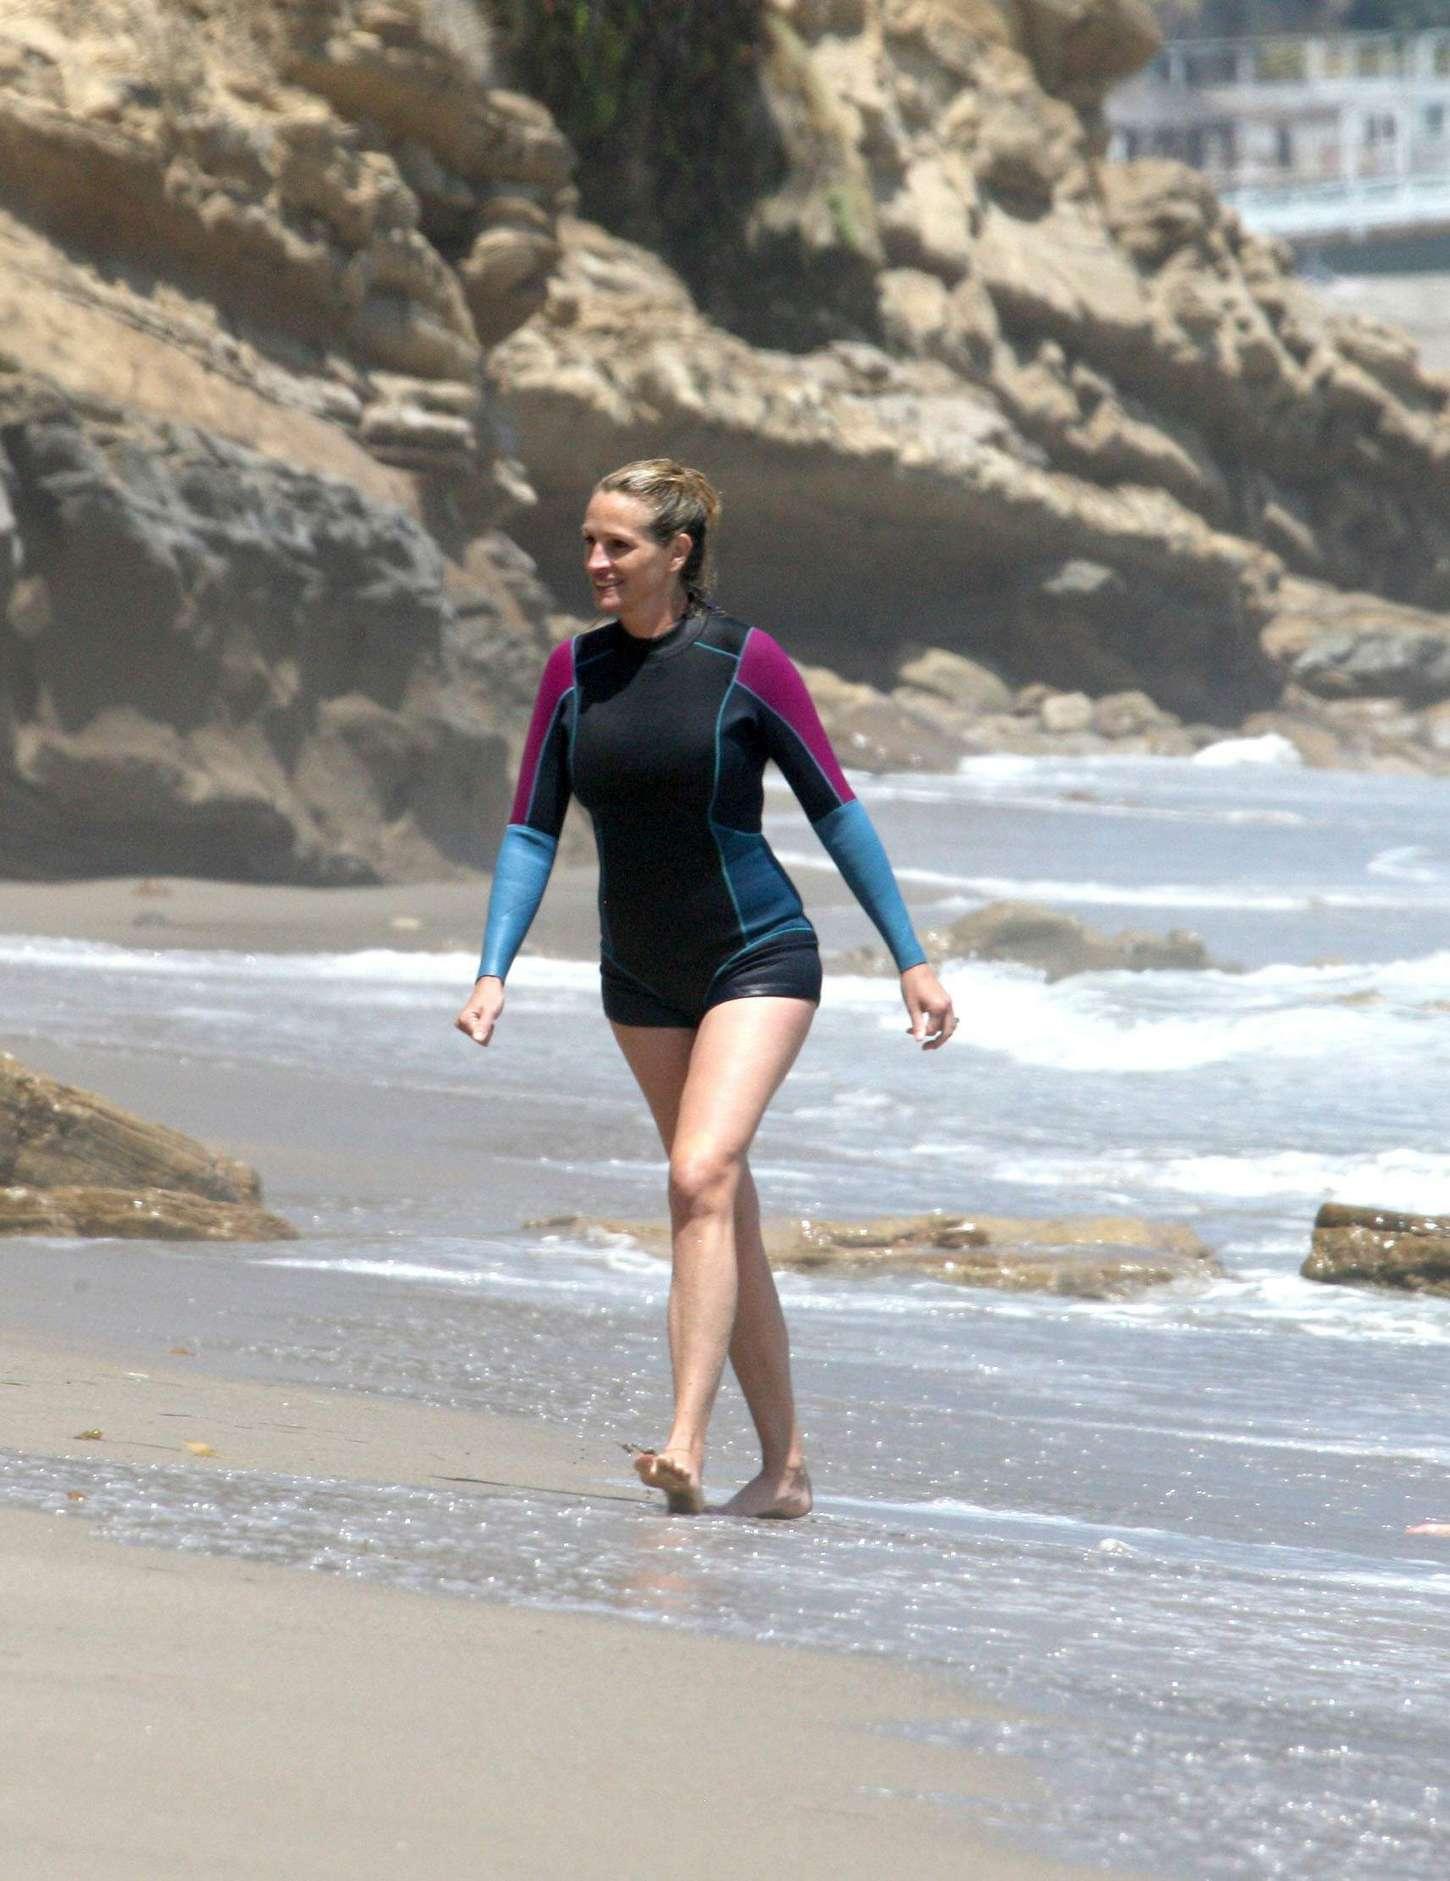 Julia Roberts at the beach in Malibu